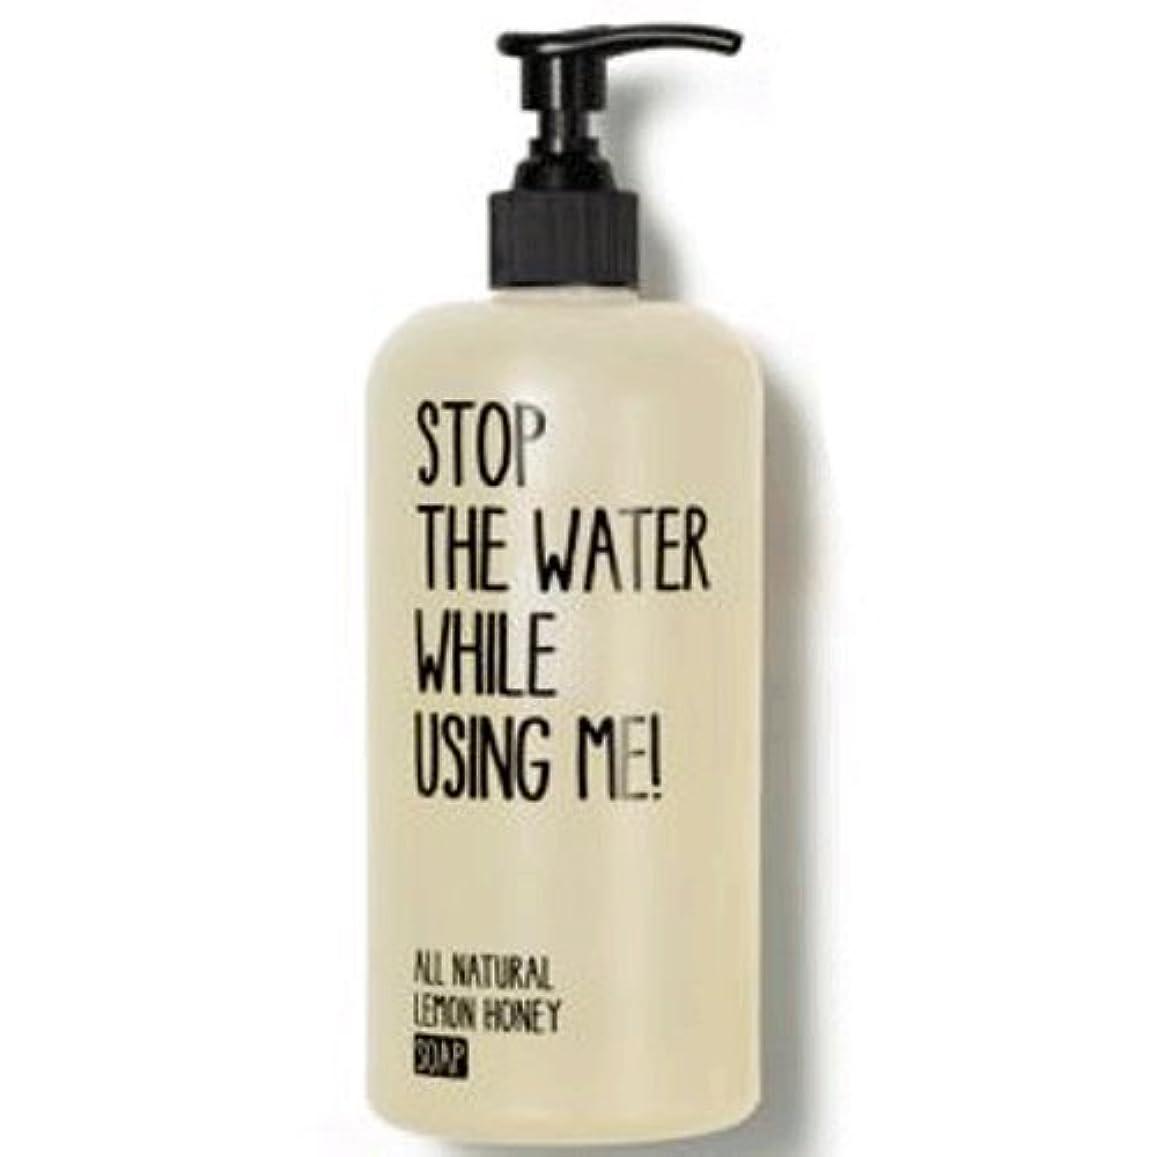 機密今日組み込む【STOP THE WATER WHILE USING ME!】L&Hソープ(レモン&ハニー) 500ml [並行輸入品]